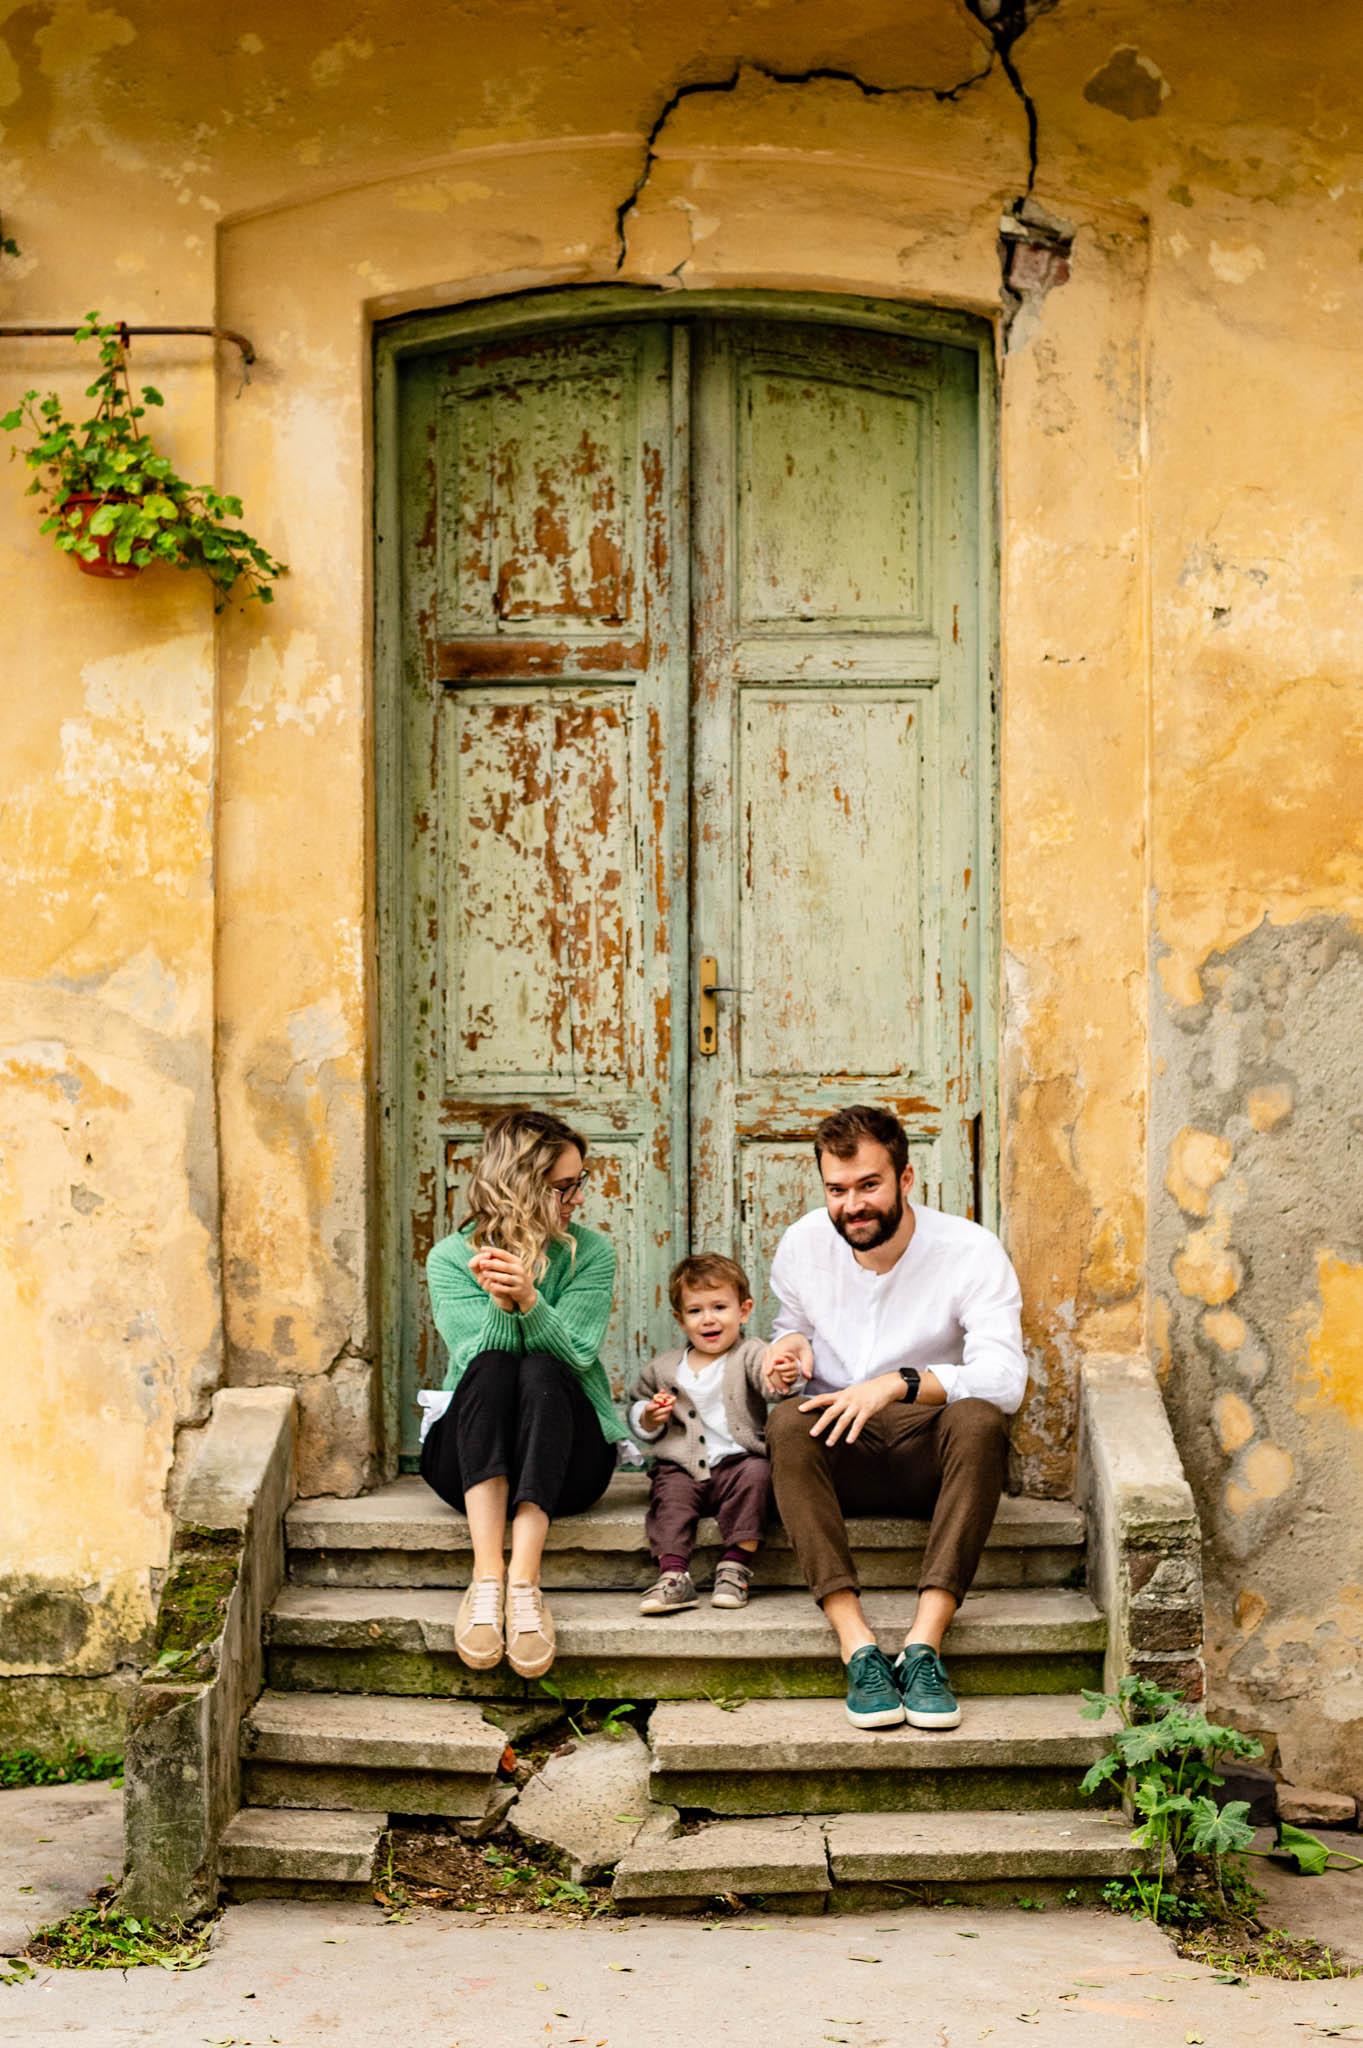 Sedinta foto de familie in culori de toamna Gradina Botanica din Bucuresti fotograf Dana Sacalov